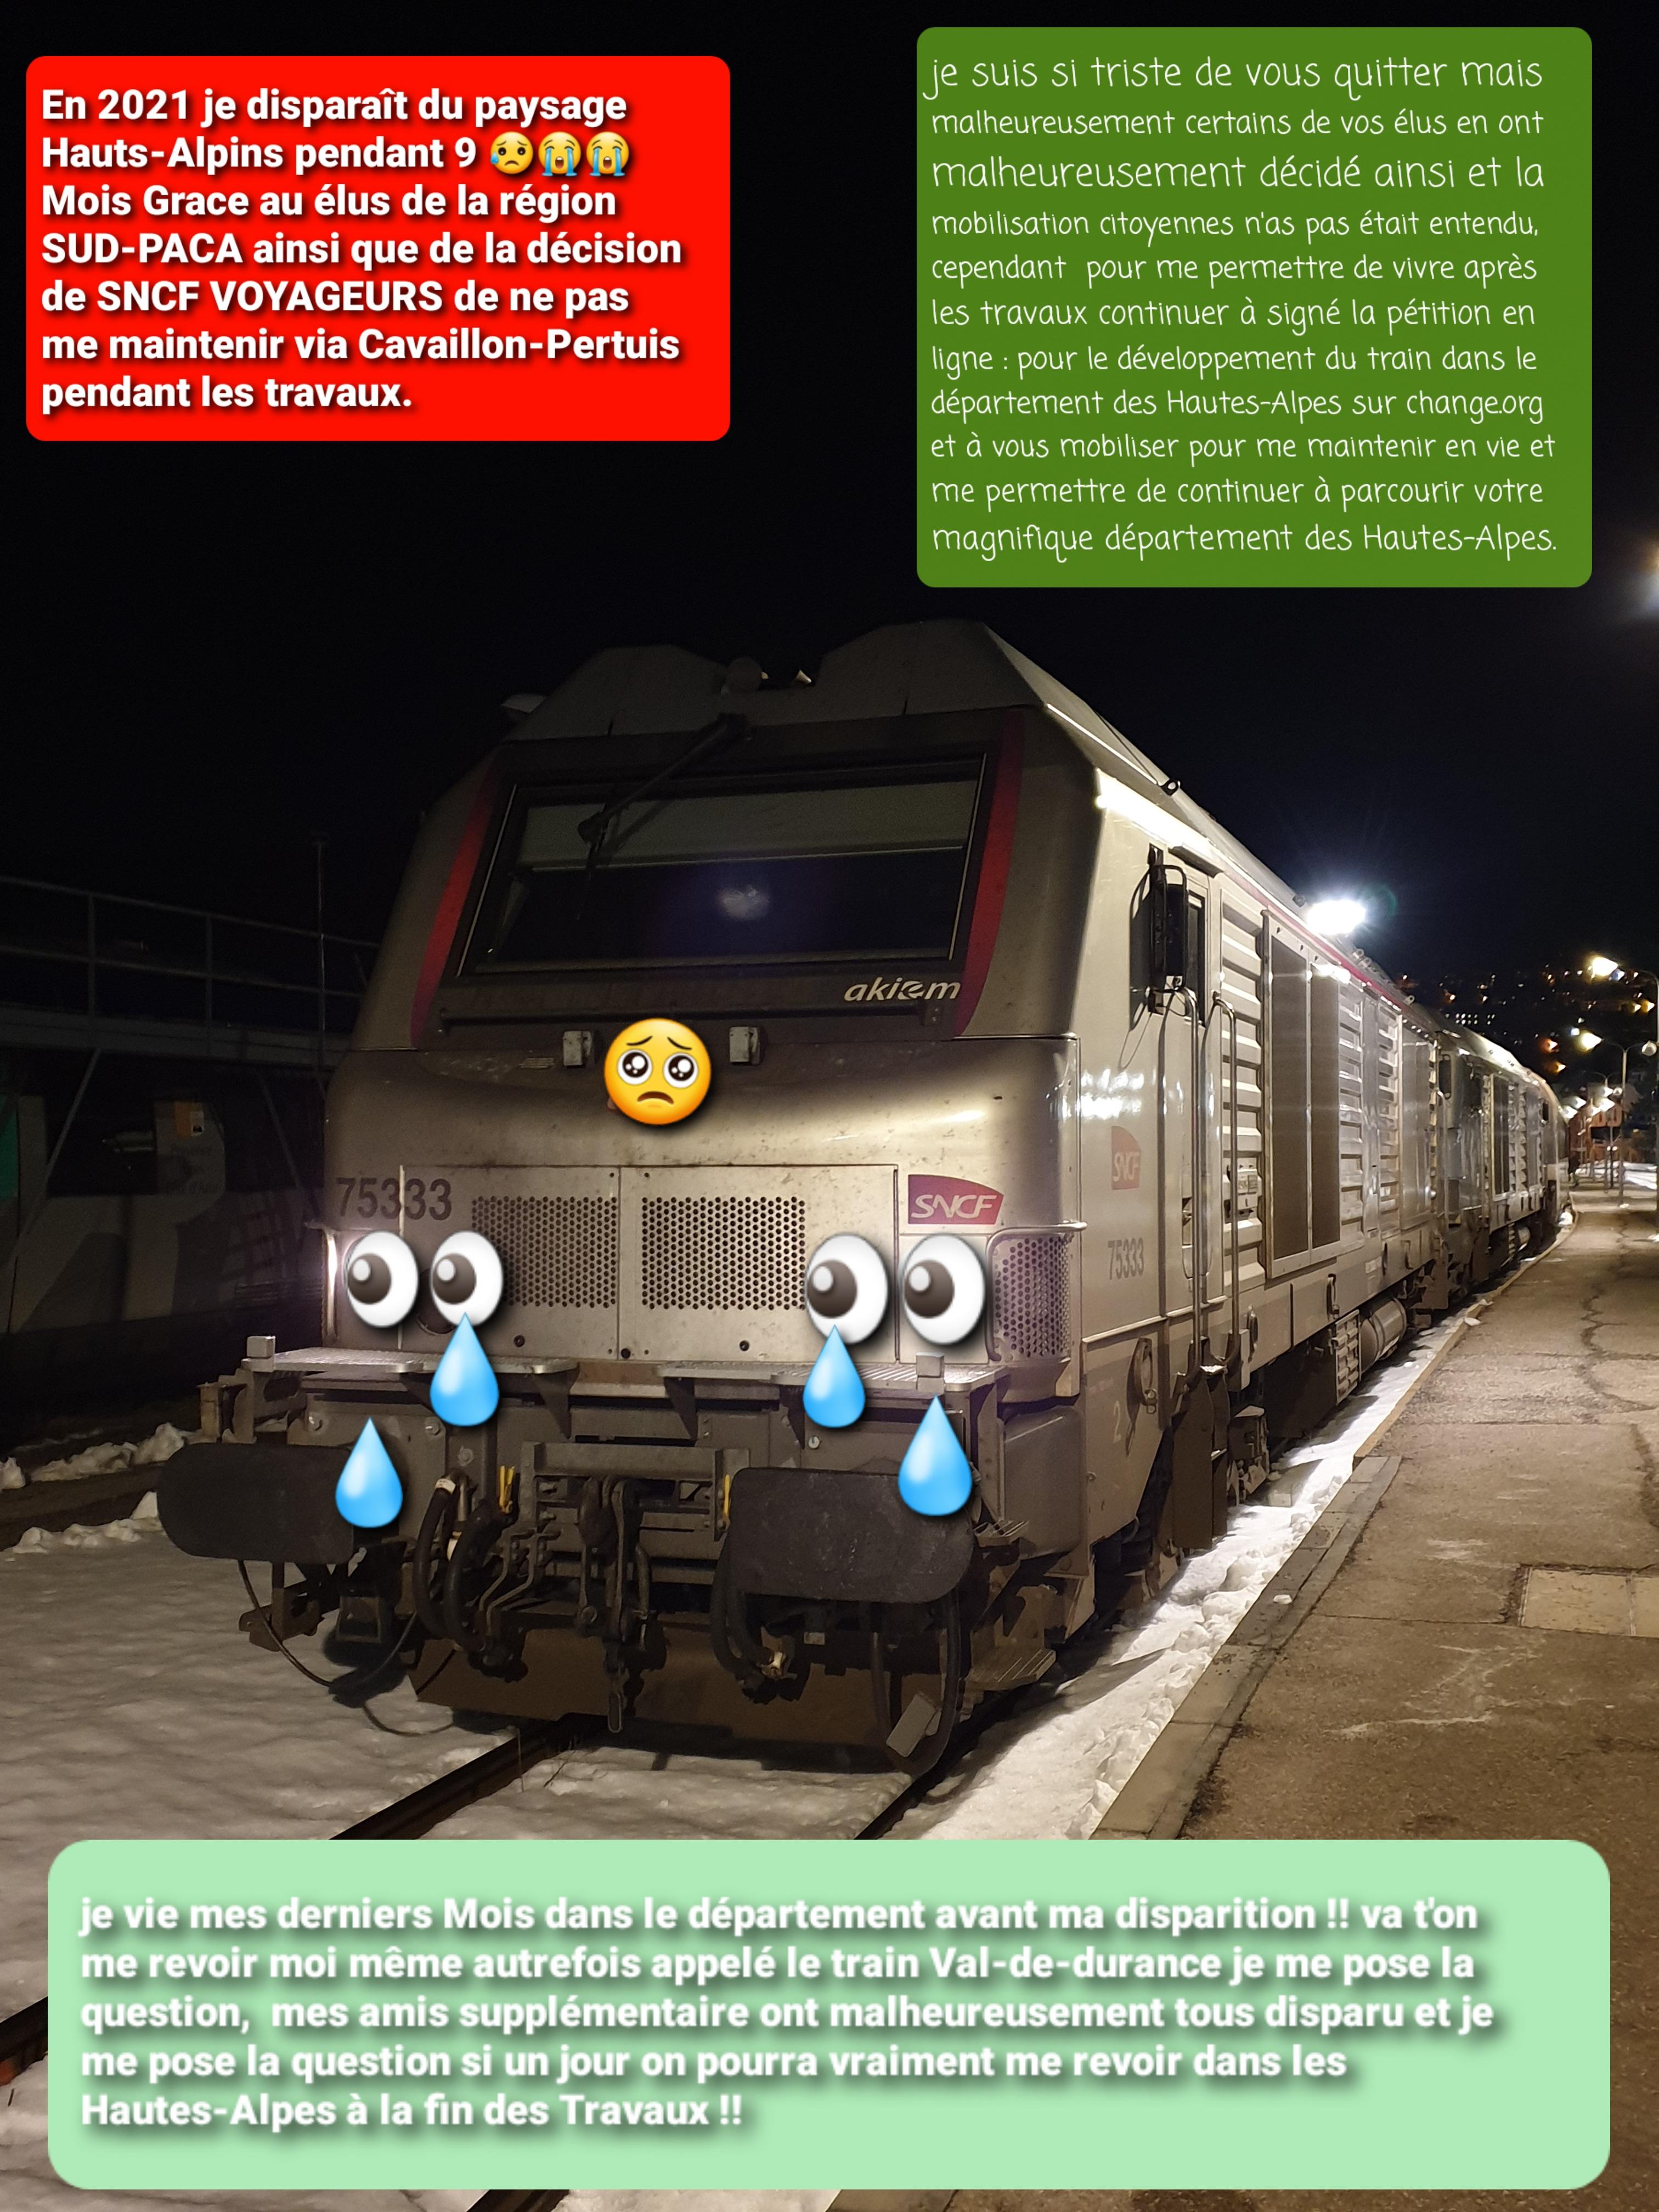 Le train de nuit Paris-Briançon, supprimé pendant 9 Mois